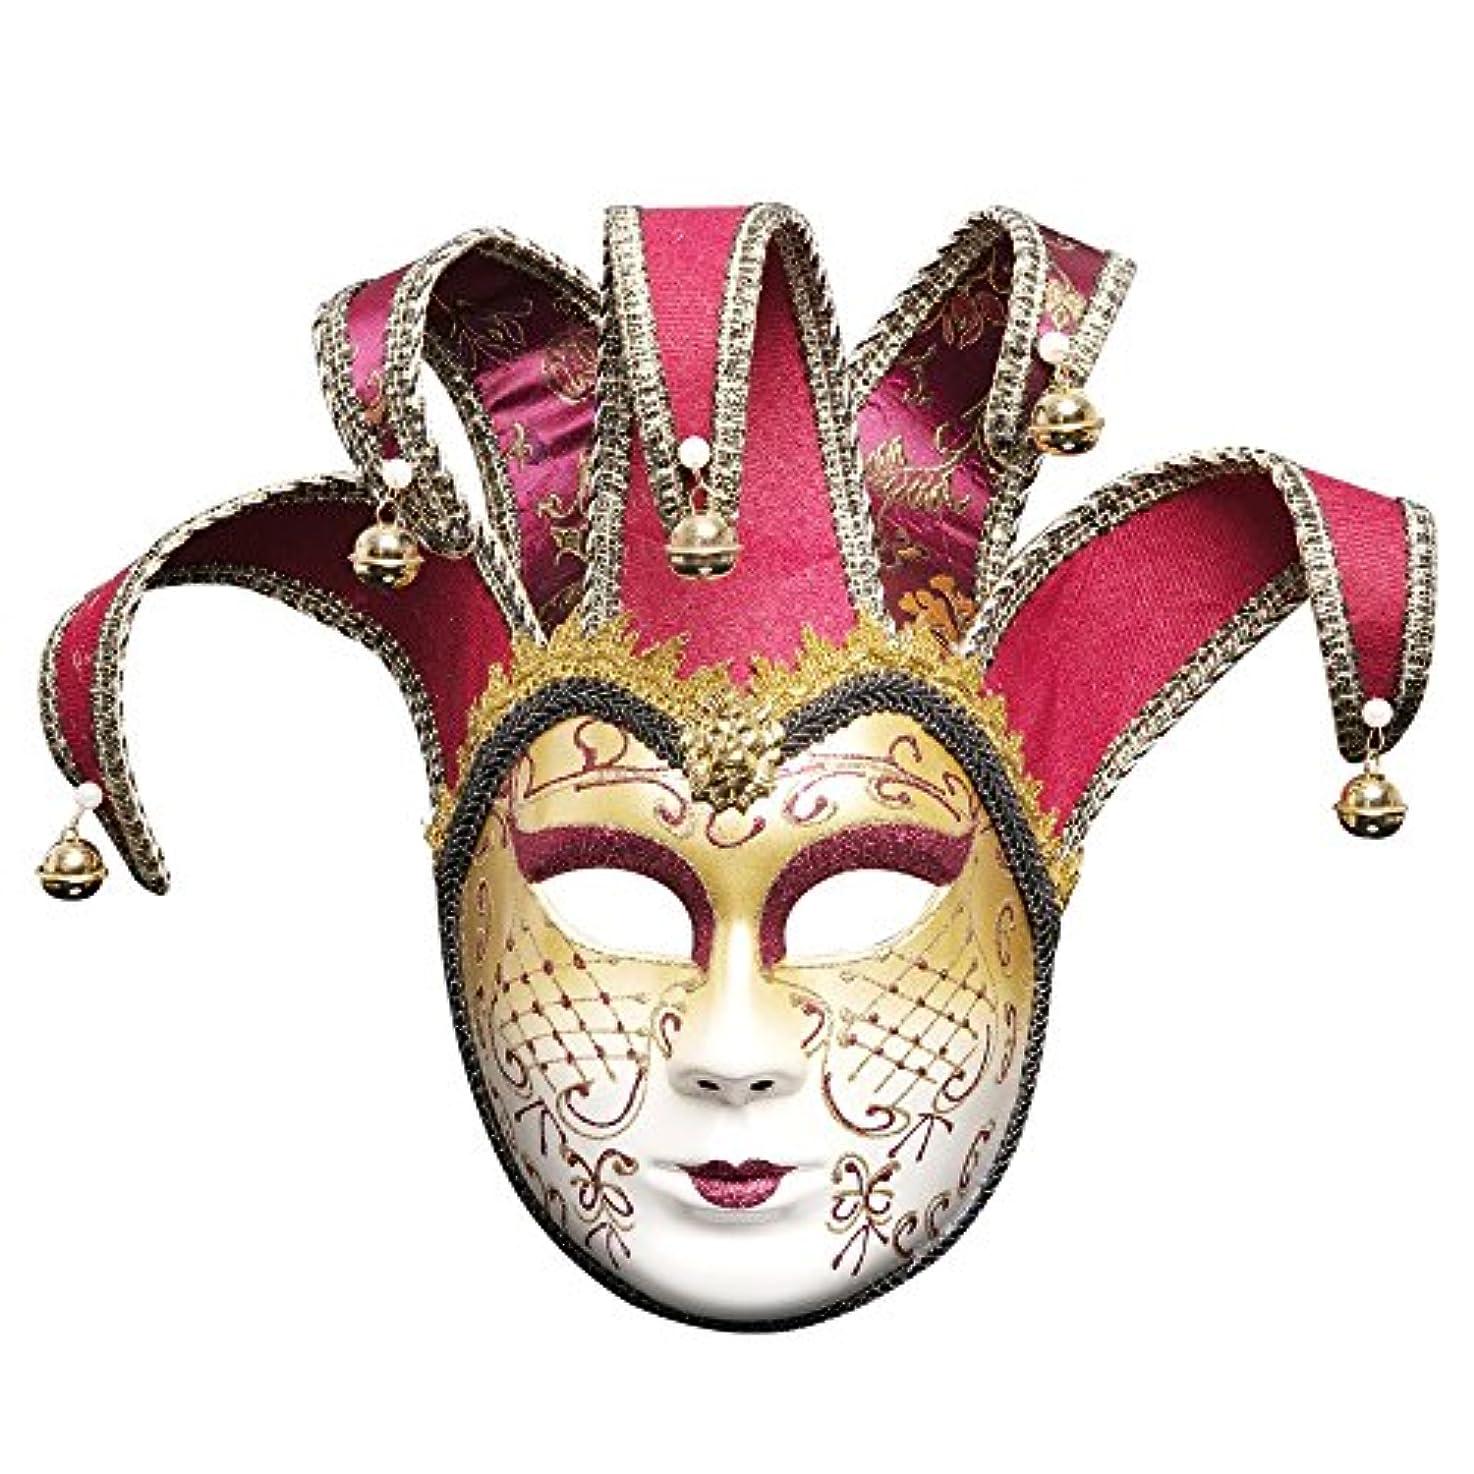 集団準備一般化するハロウィンボールパーティーマスククリスマスクリエイティブ新しいフルフェイスメイクアップマスク (Color : A)